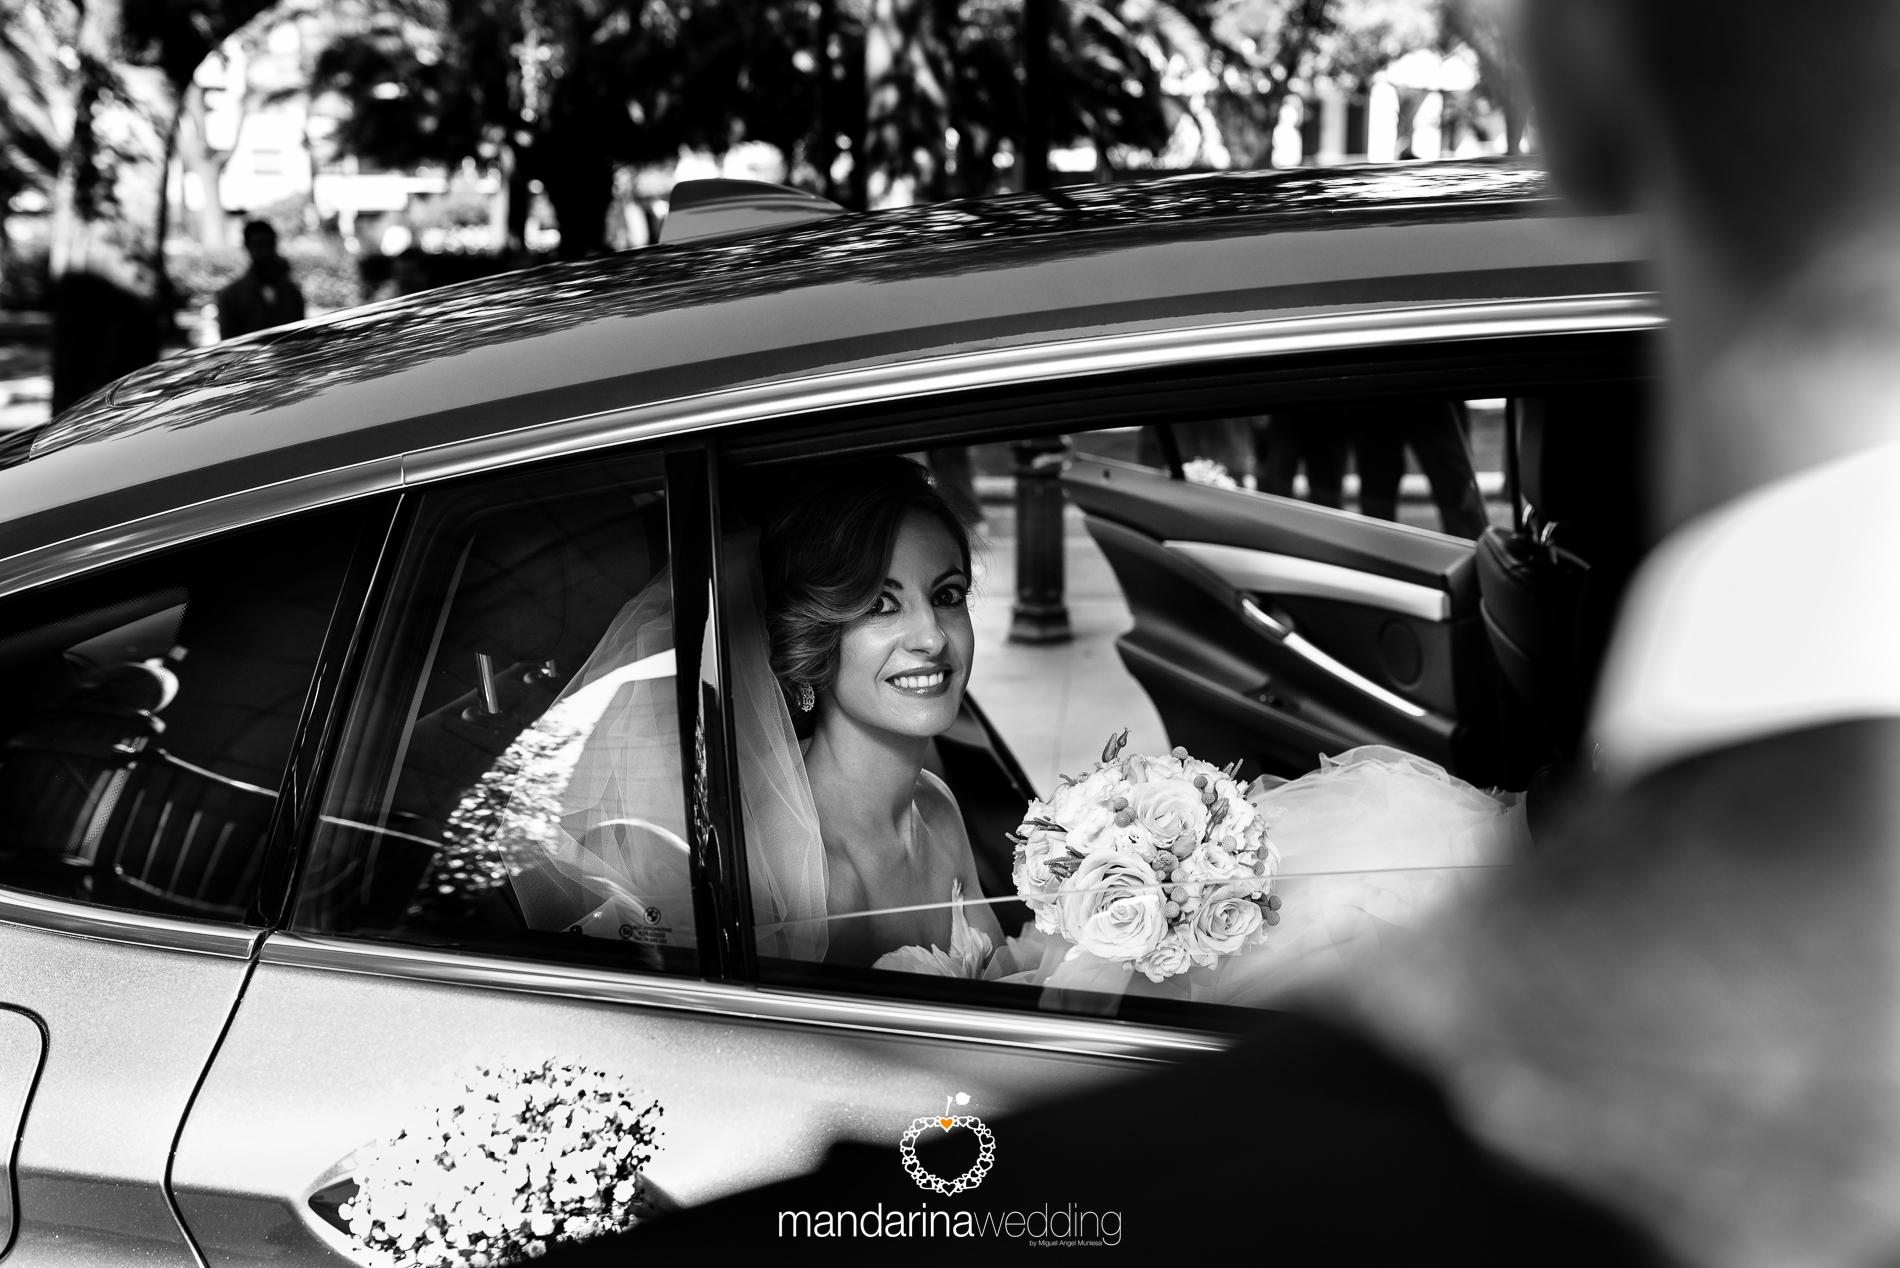 mandarina wedding_19